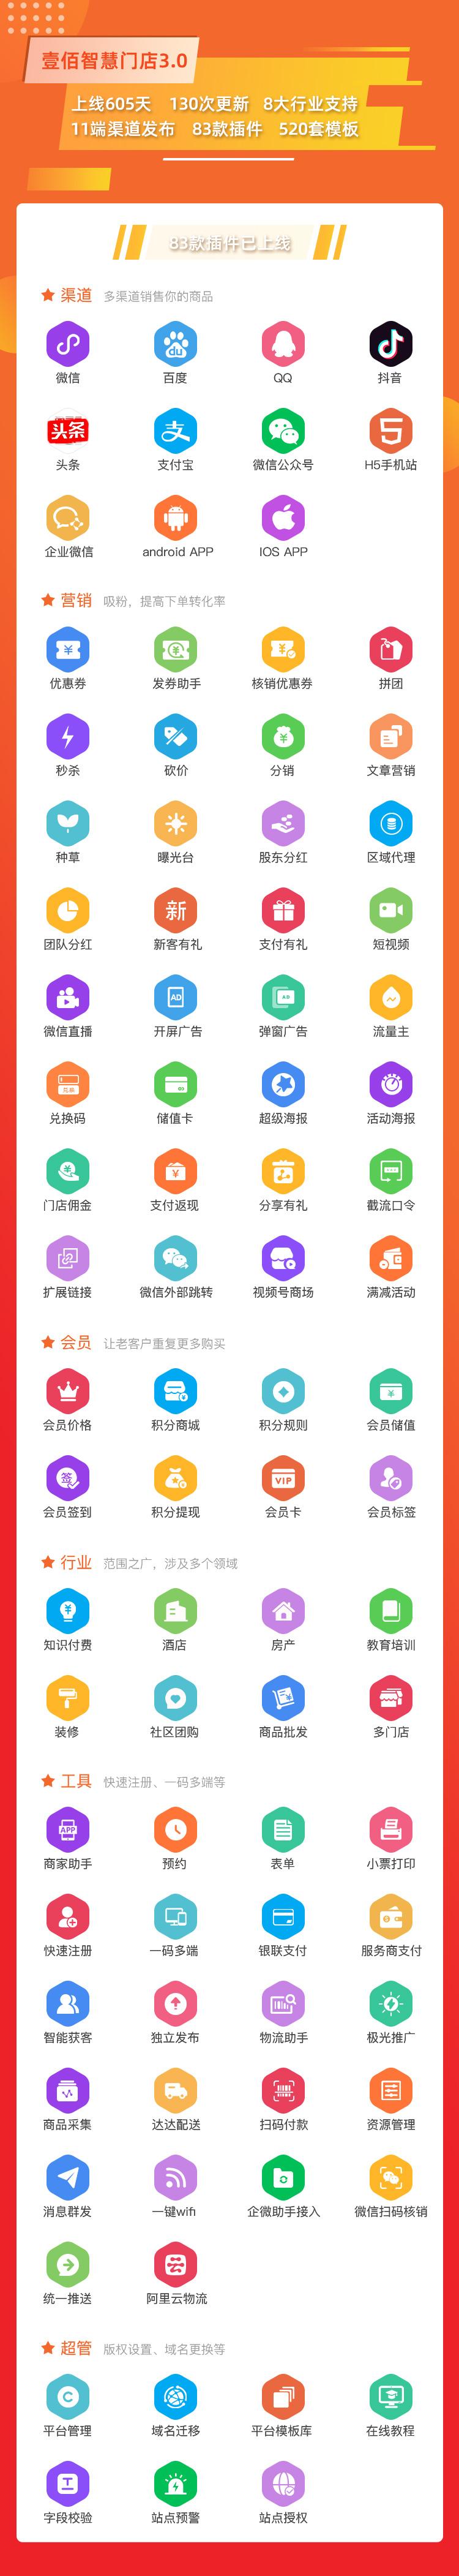 图片[1]-壹佰智慧门店v3-3.0.8  稳定更新全插件-破解狗源码